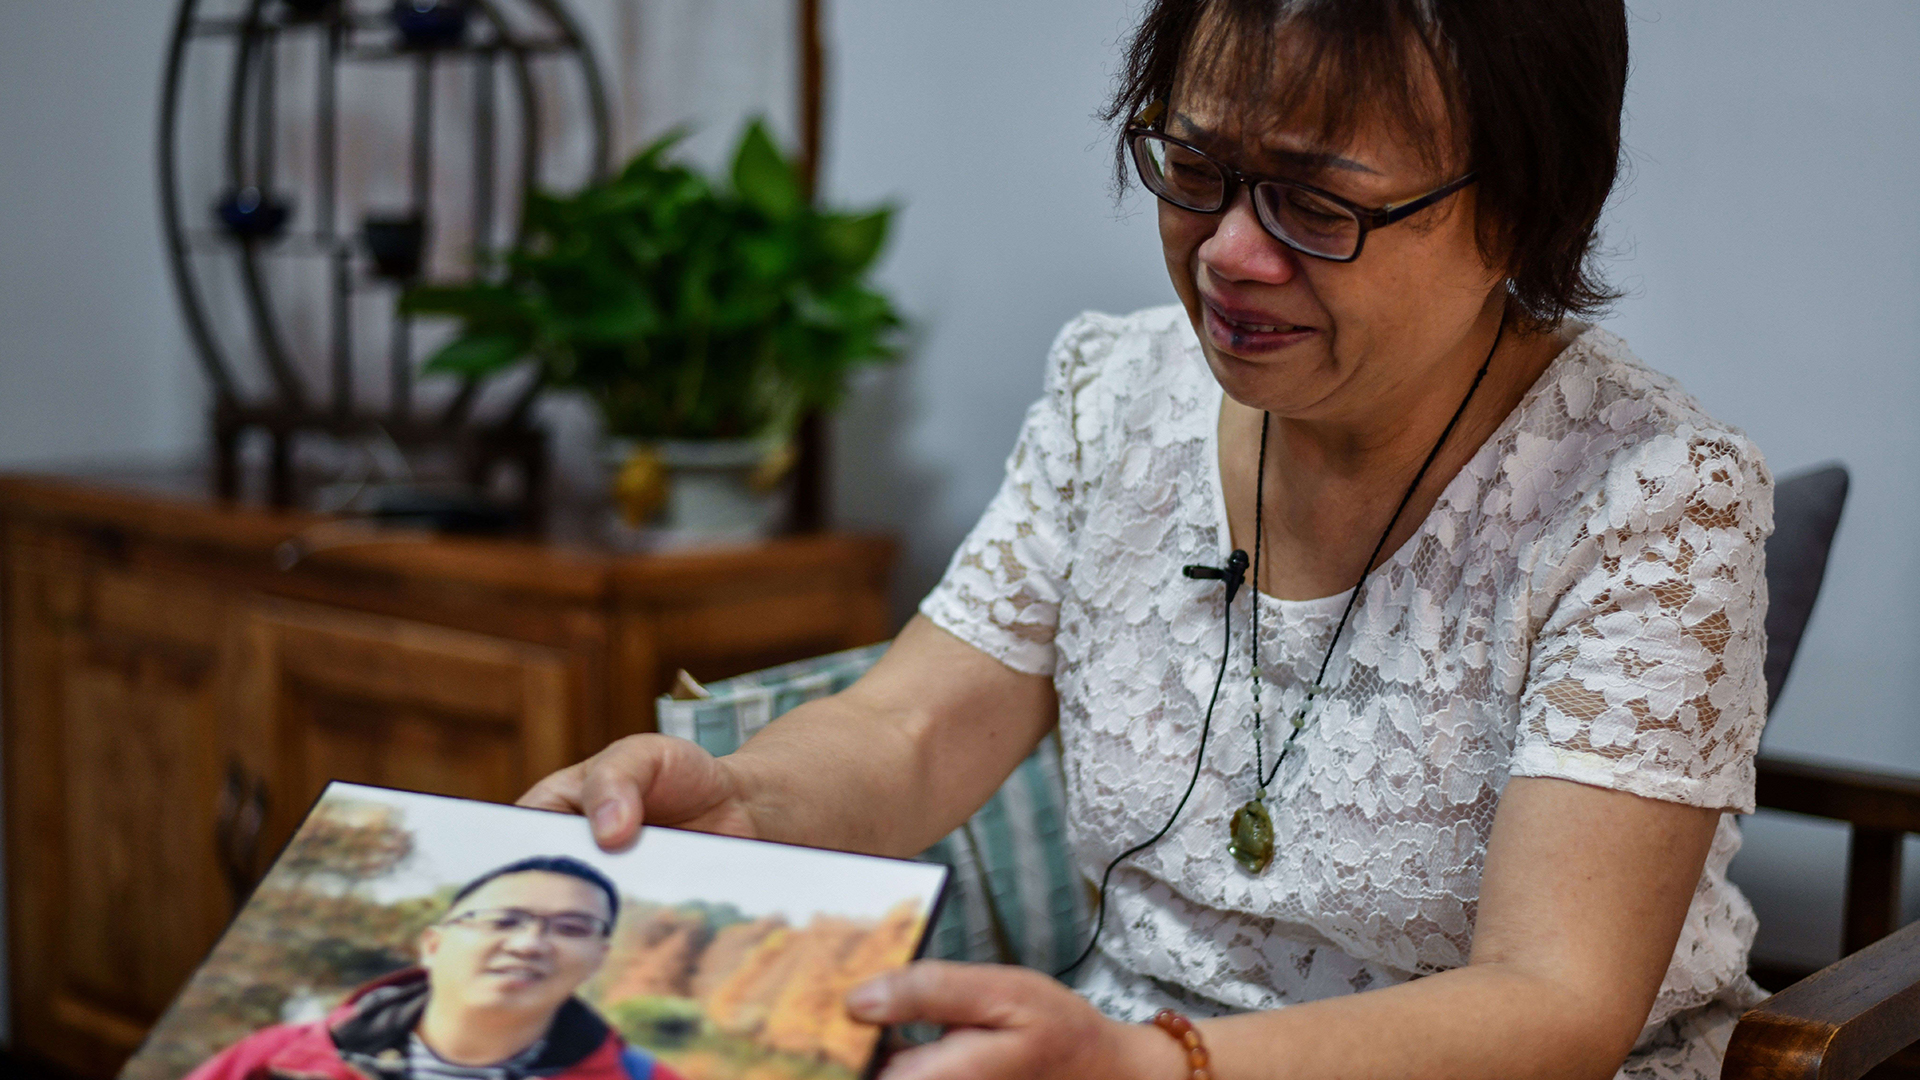 Families of coronavirus victims accuse China of blocking coronavirus lawsuits